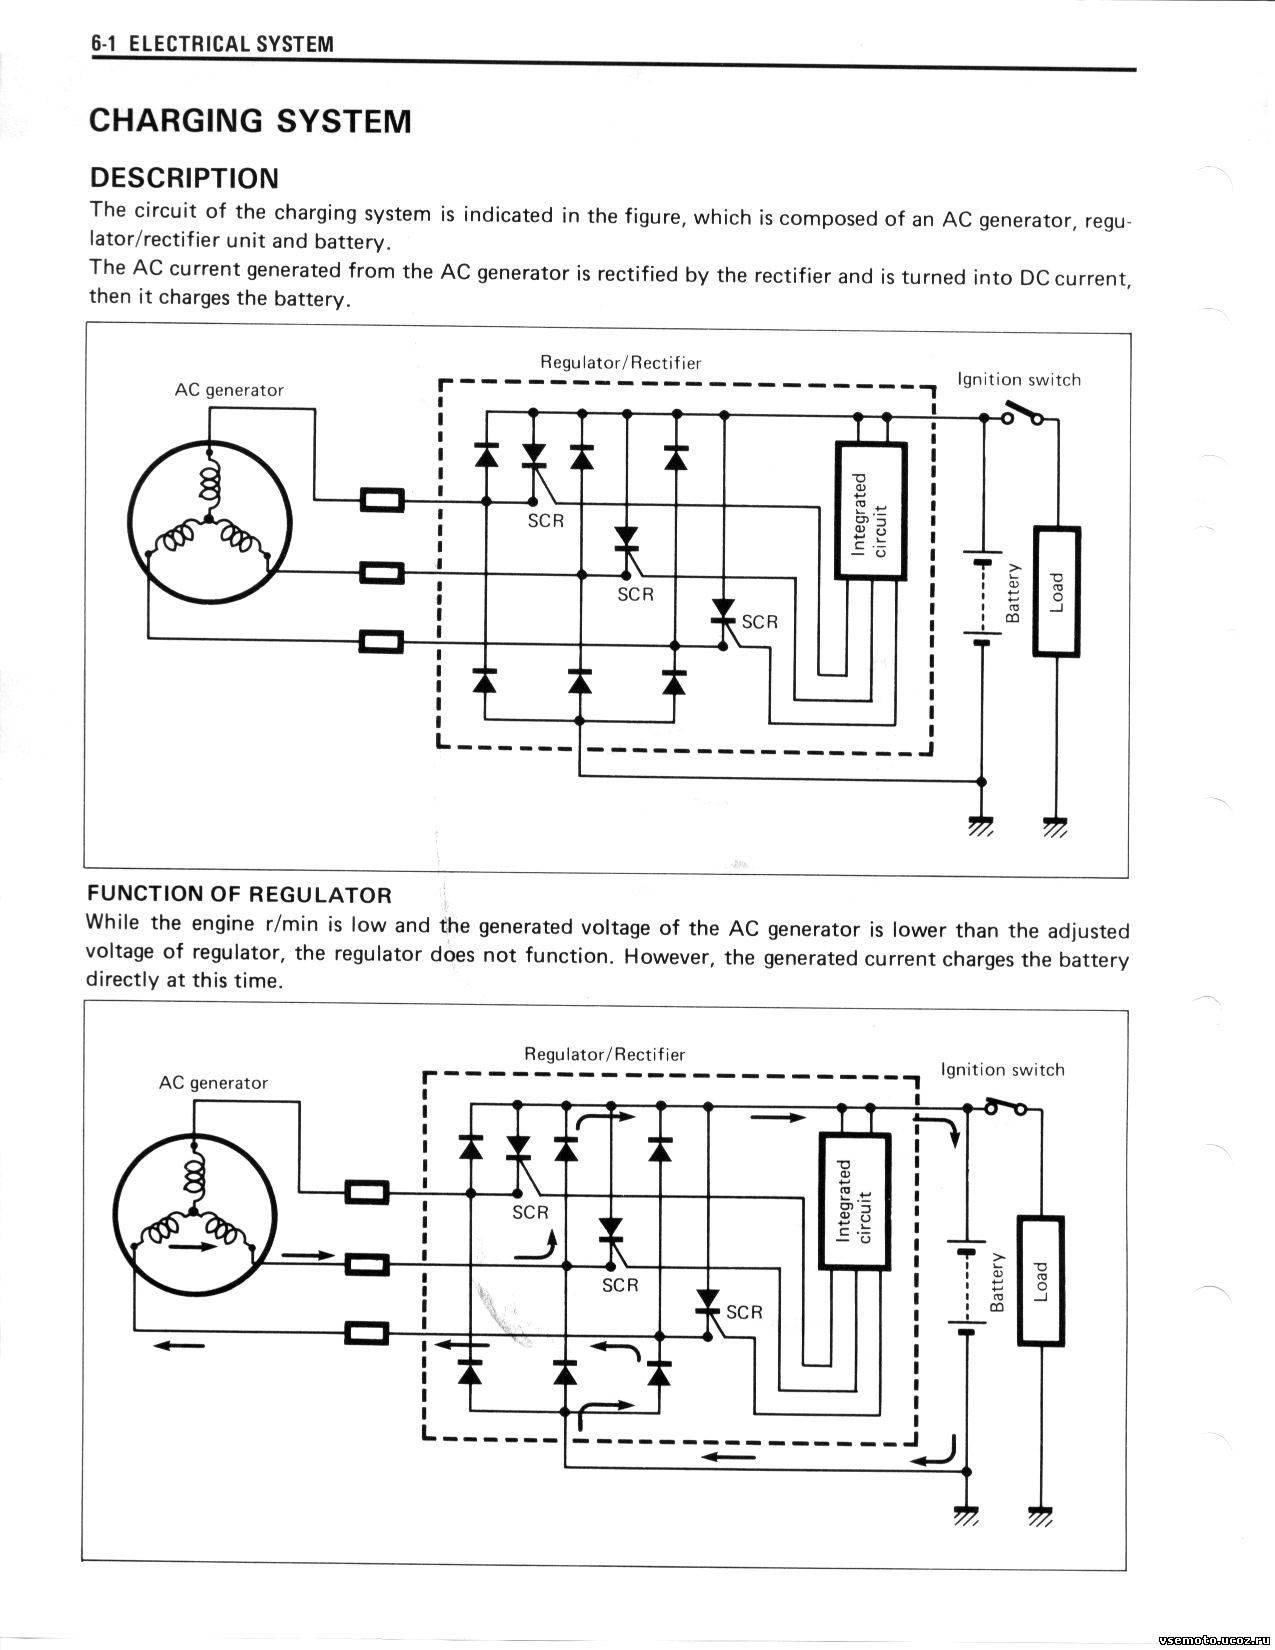 По схеме видно, что к РР идут три провода от фаз генератора и от РР идут два провода к аккумулятору.